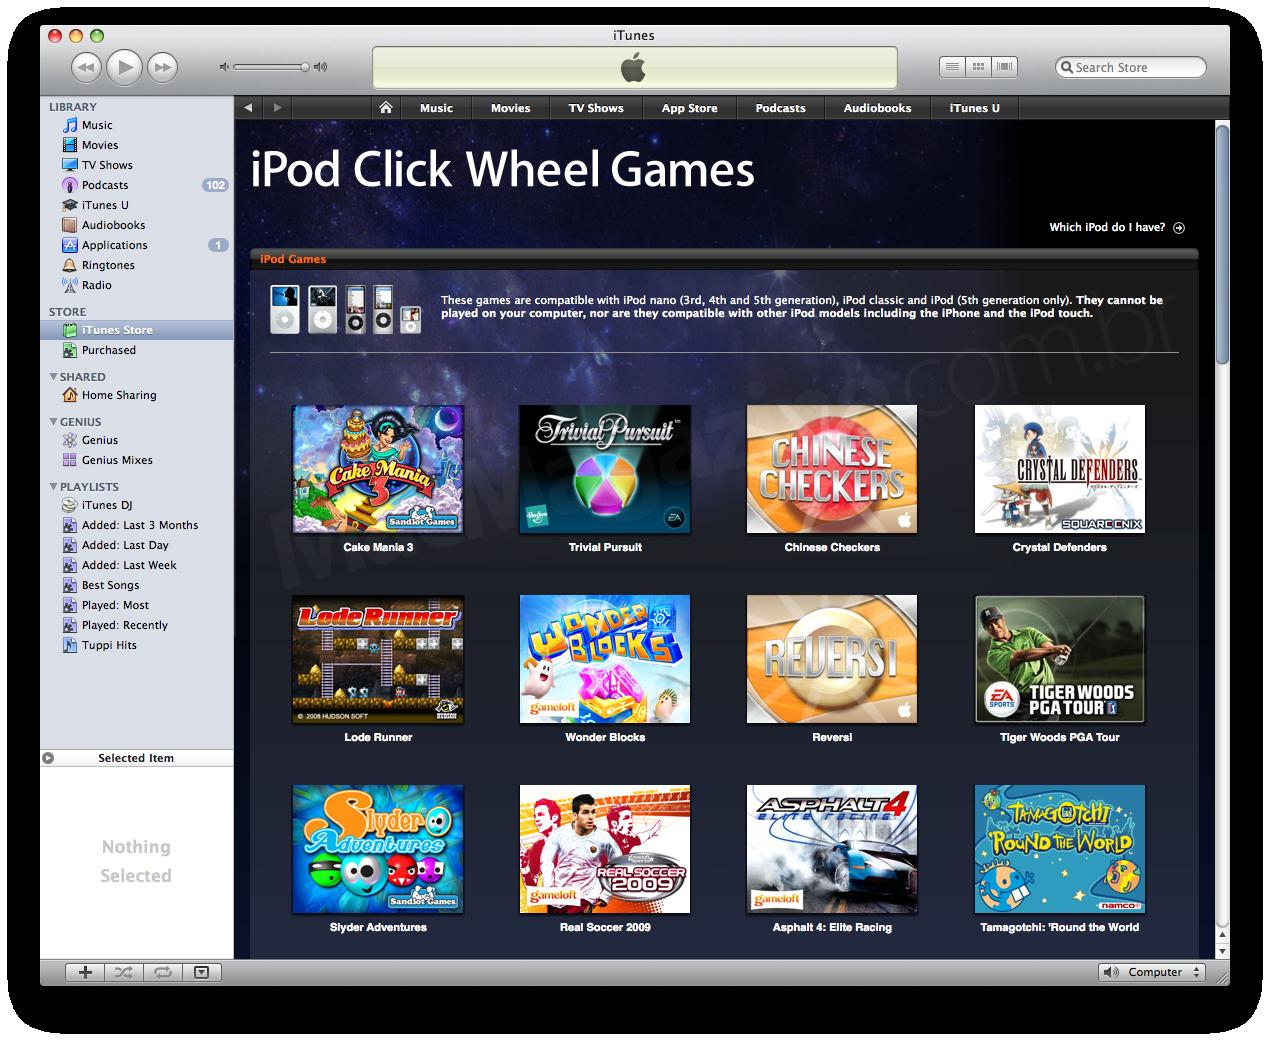 iPod Click Wheel Games - iTunes Store